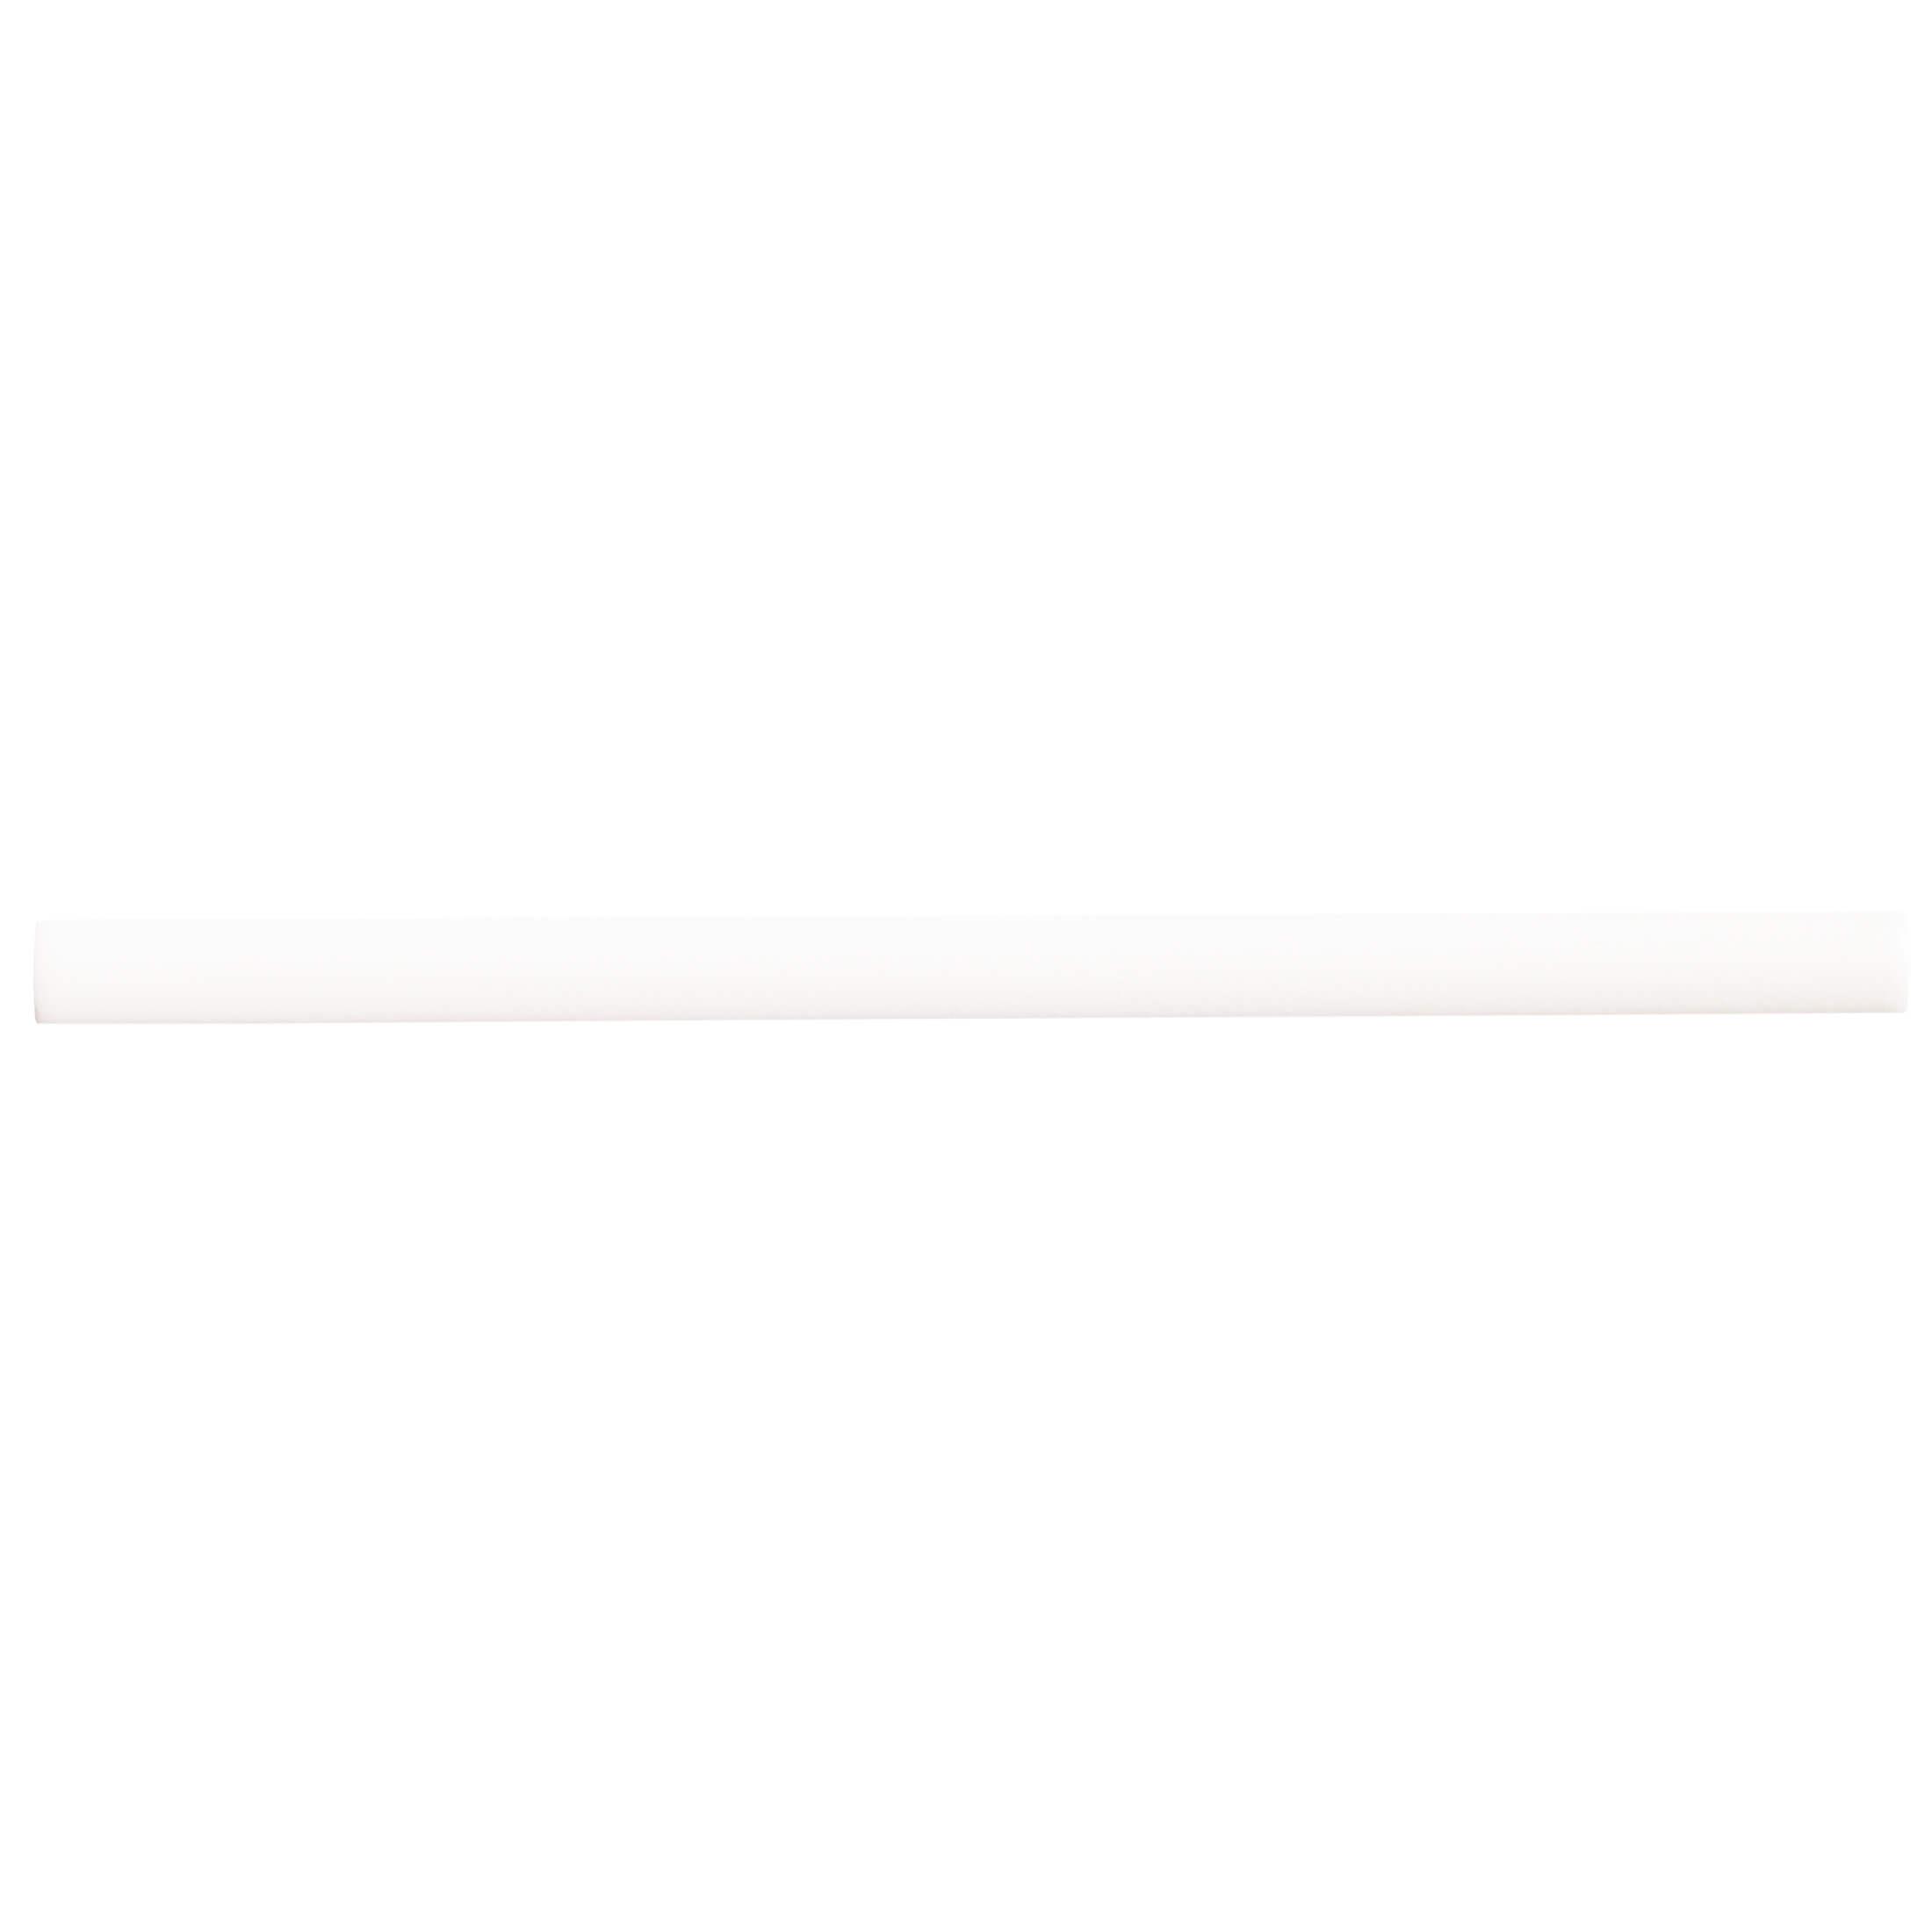 ADEH5002 - BULLNOSE TRIM - 1.4 cm X 30 cm